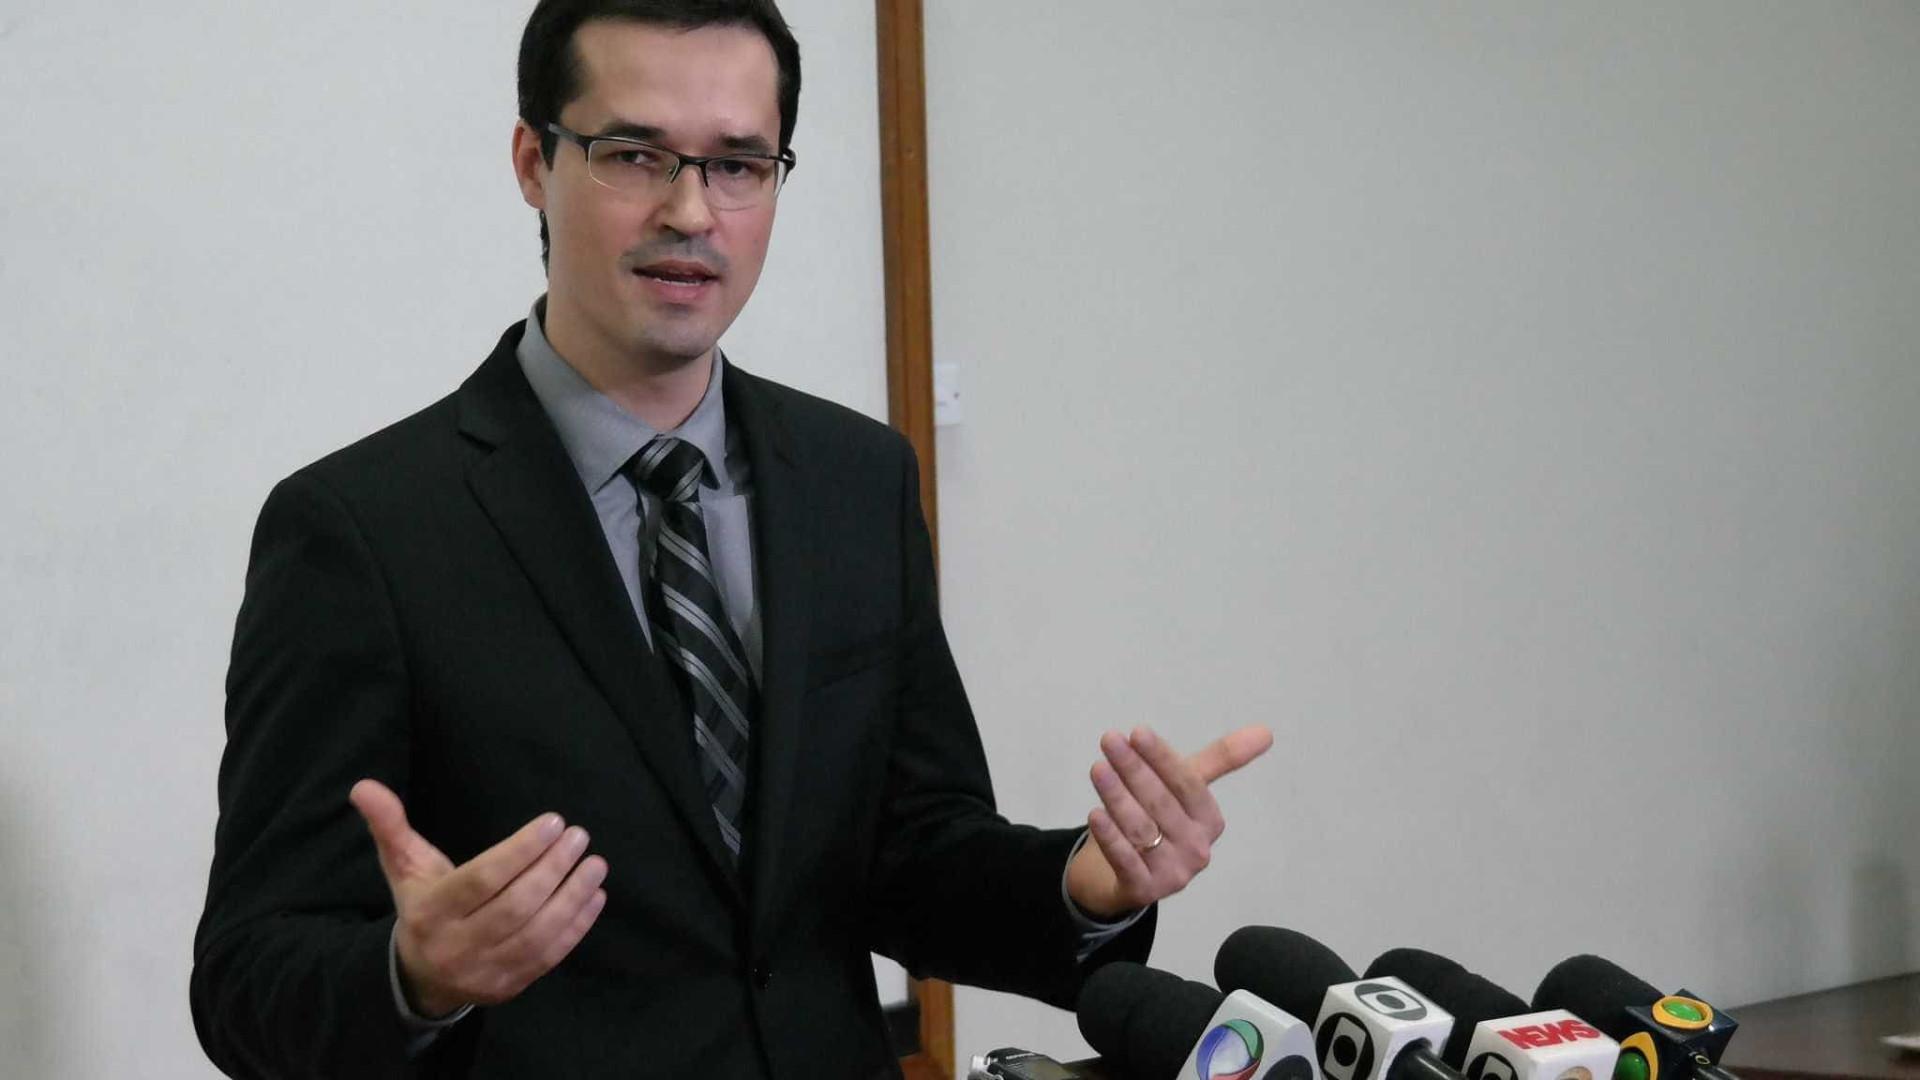 Deltan receou comentar caso Flávio e questionou reação de Moro